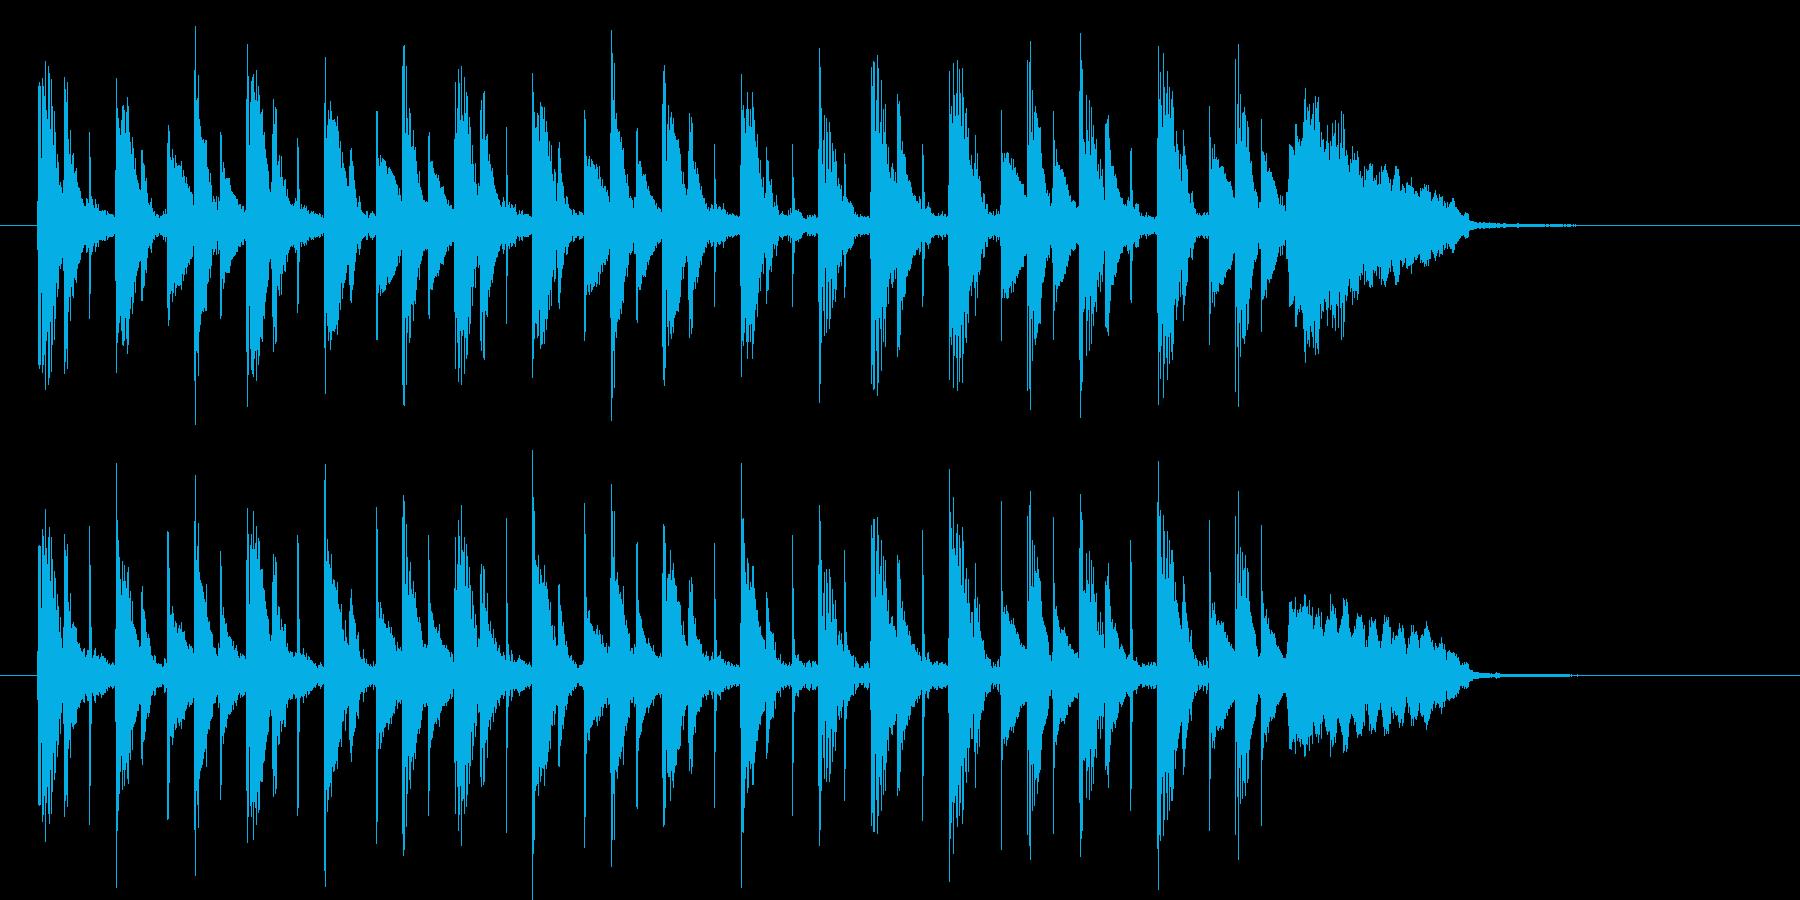 軽快で緩やかなシンセポップジングルの再生済みの波形